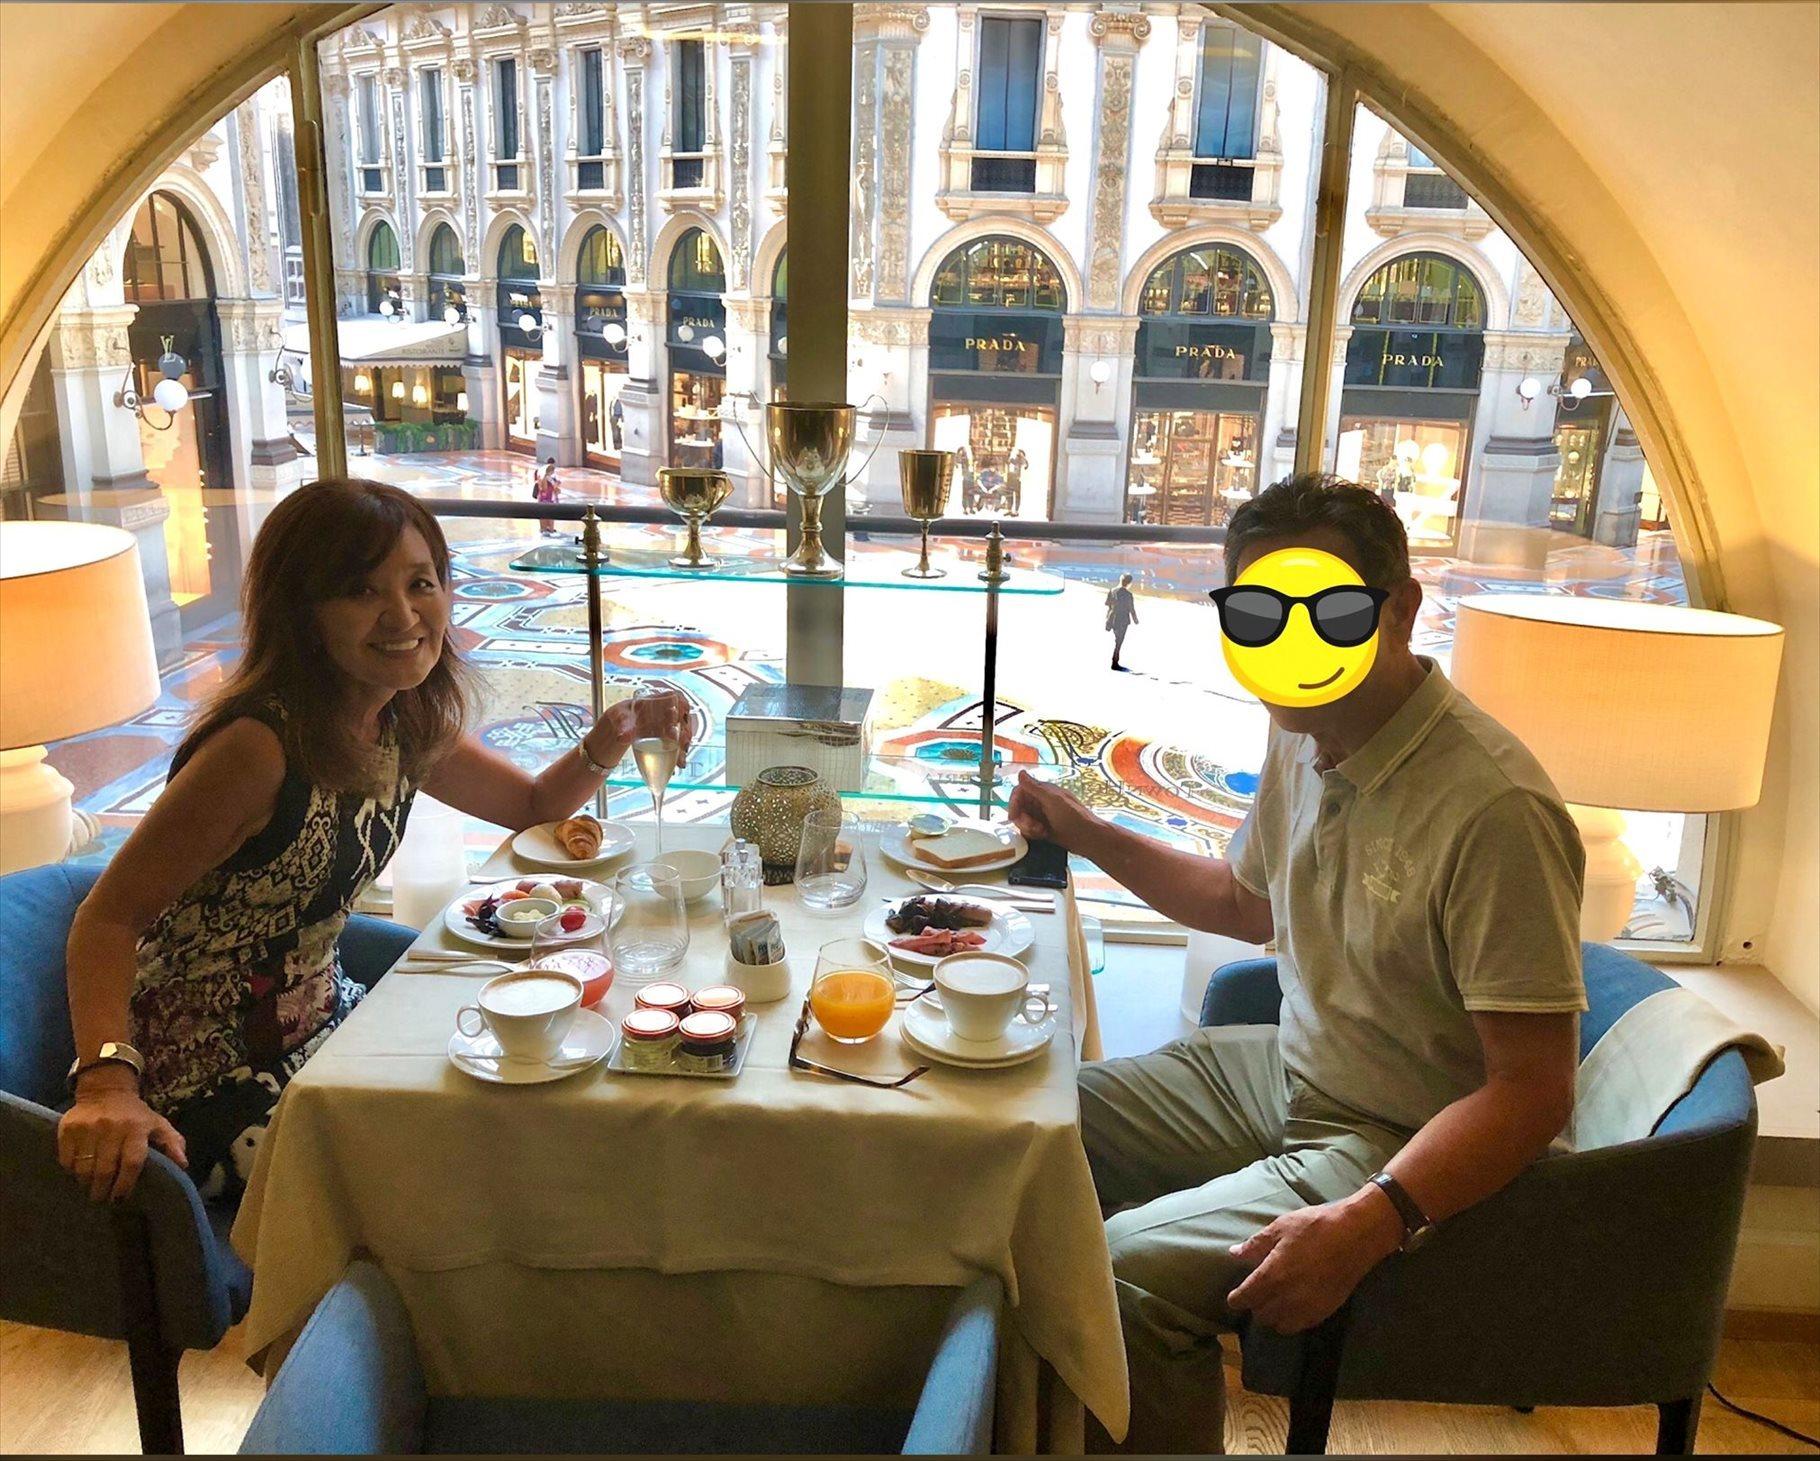 シチリア/ 47  最終回 ミラノで地味な最後の晩餐_a0092659_16104282.jpg